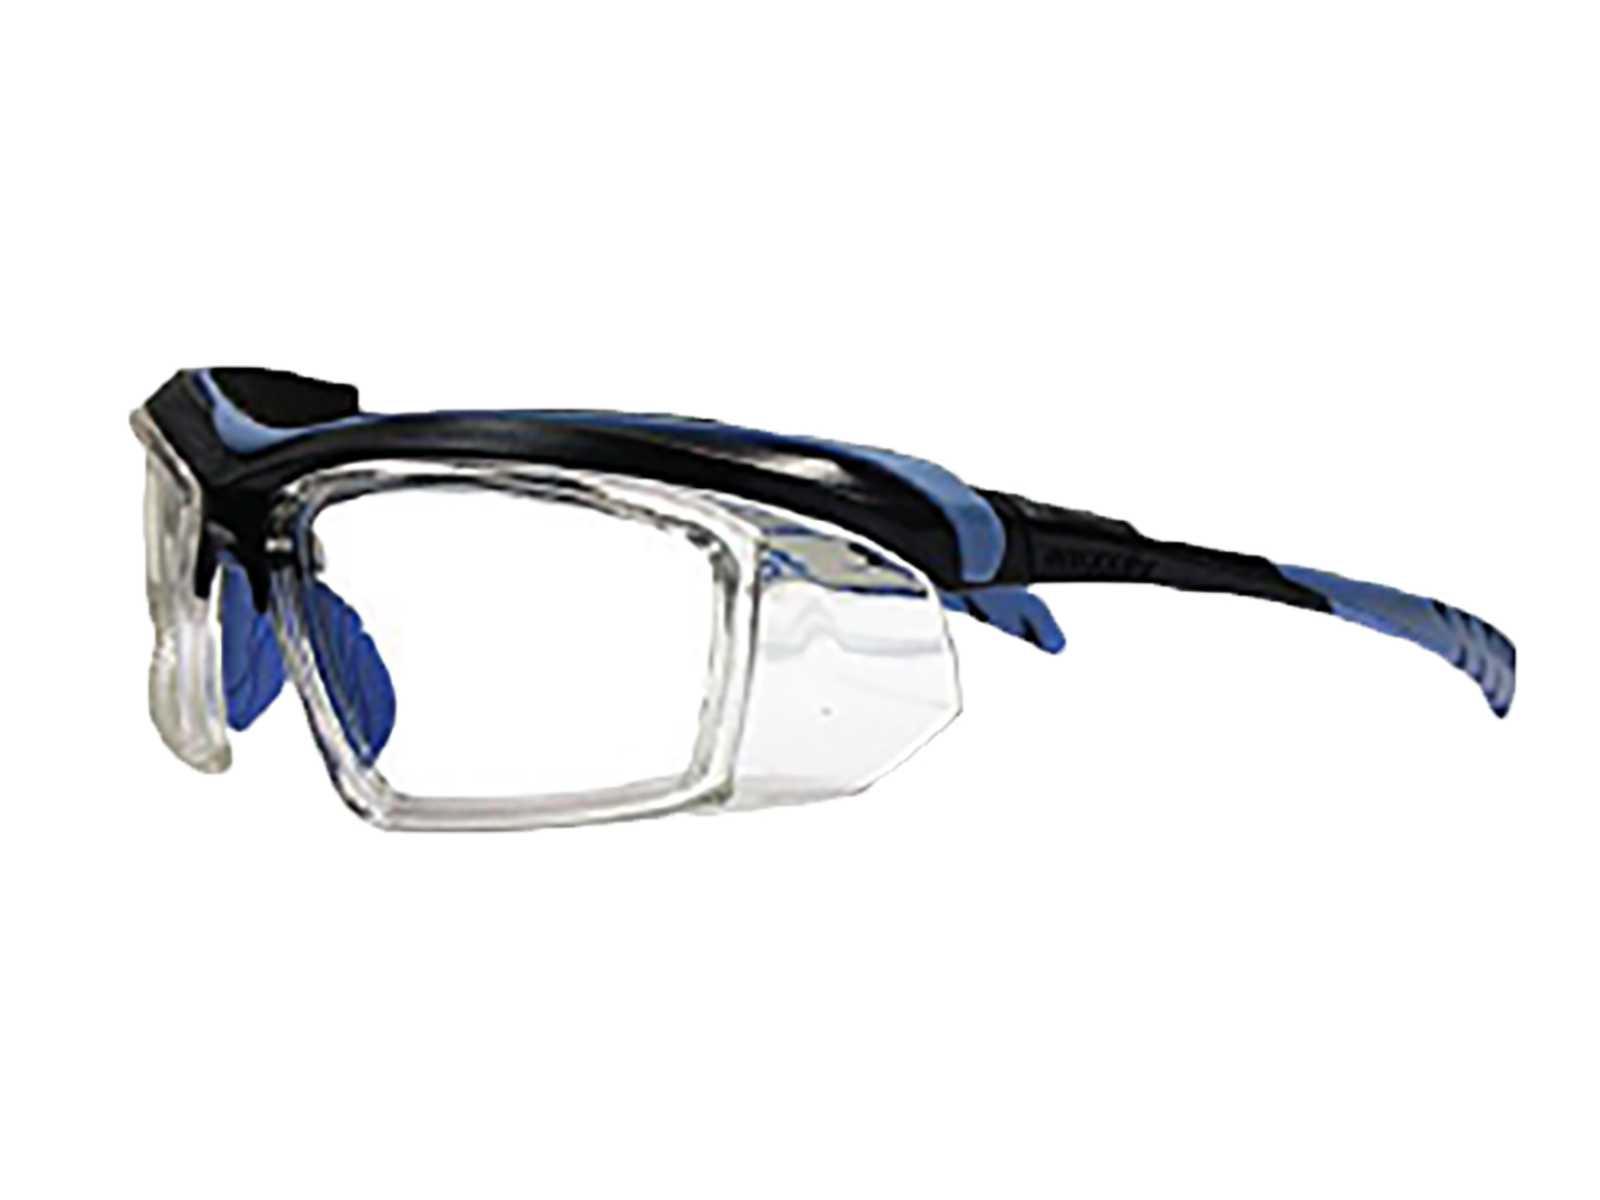 eyewear-barrier-astro-ii-feature